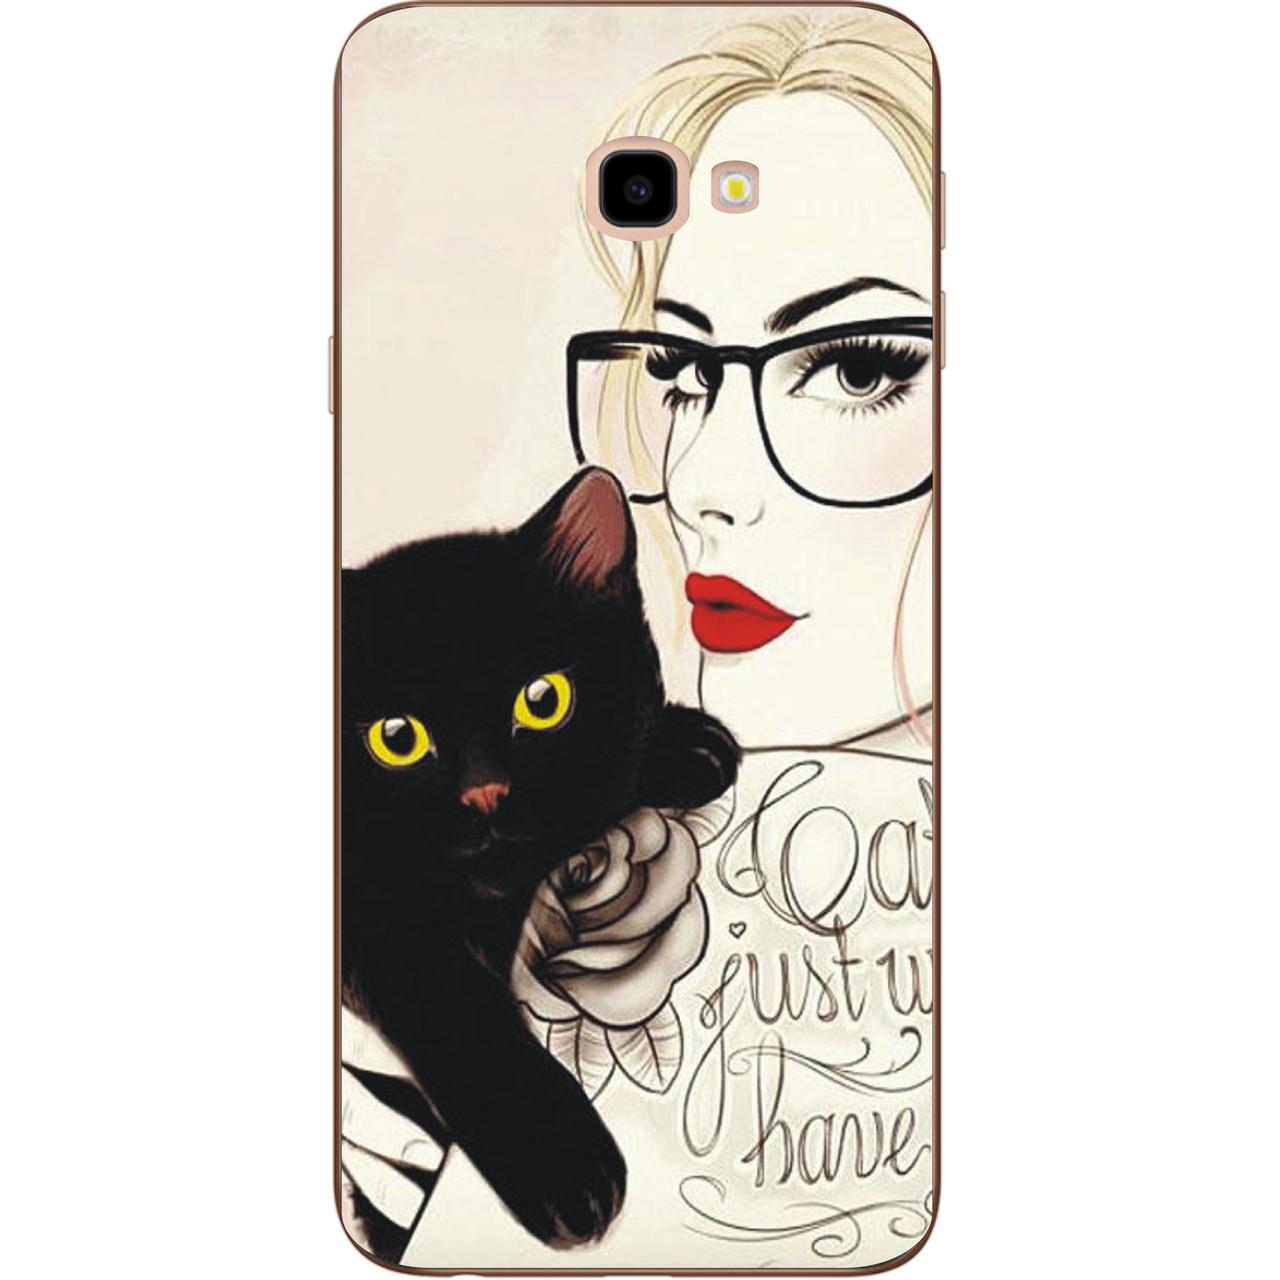 Бампер оригинальный чехол с принтом для Samsung Galaxy J4 Plus 2018 Девушка с котом